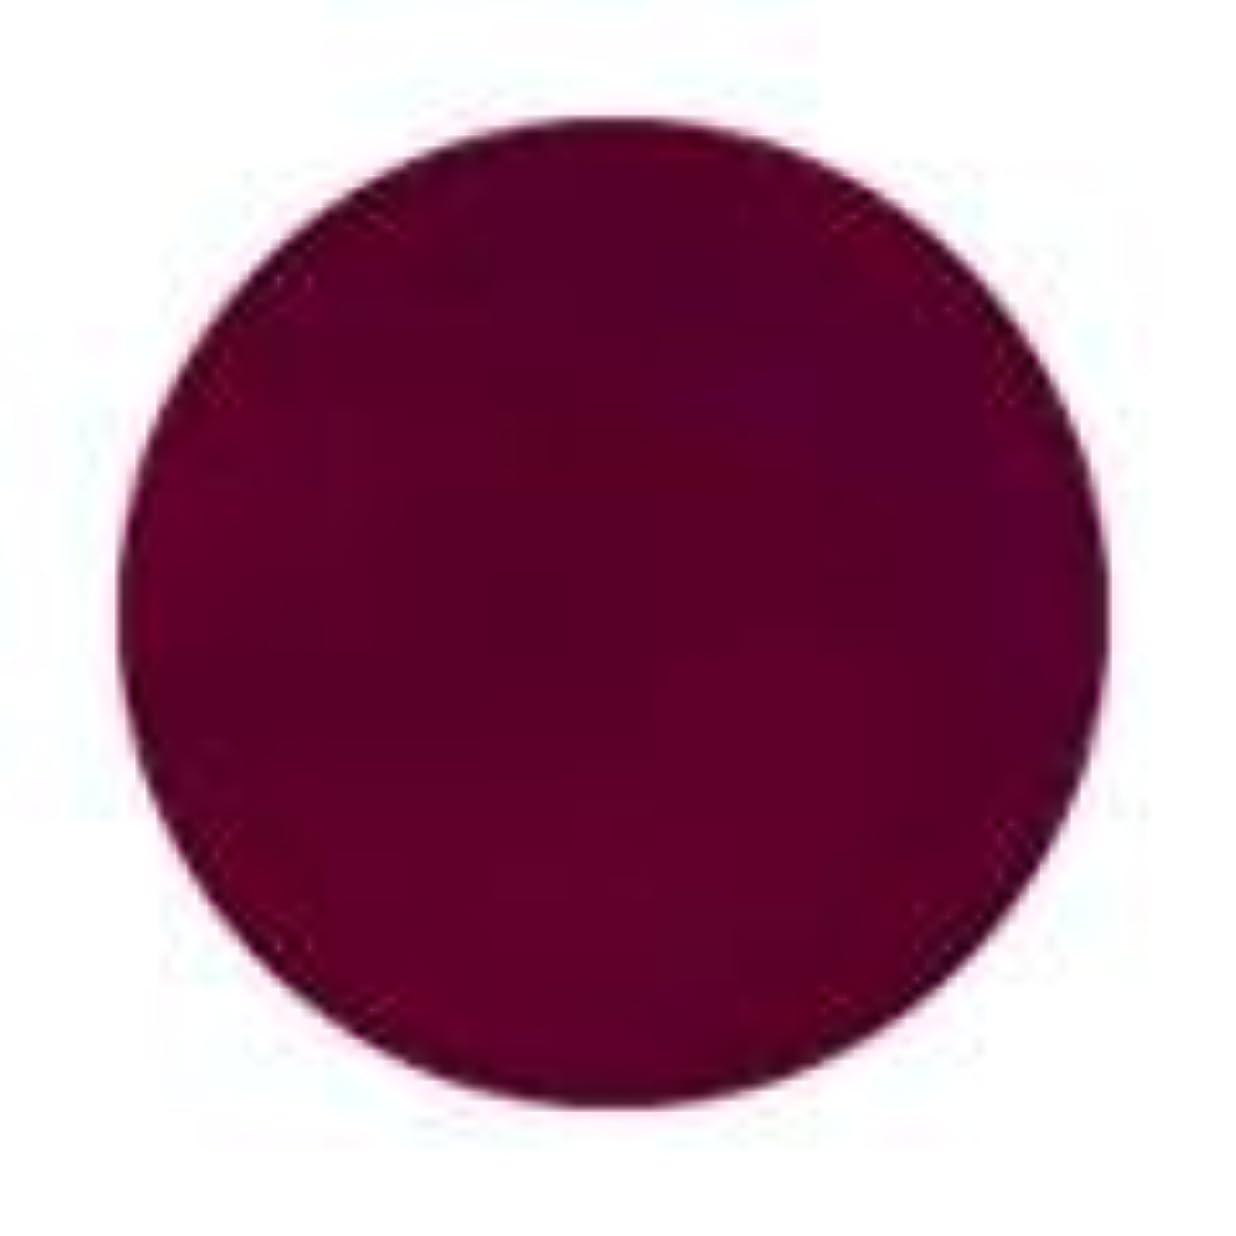 化粧トラフ革命Jessica ジェレレーション カラー 15ml  234 チェリーウッド